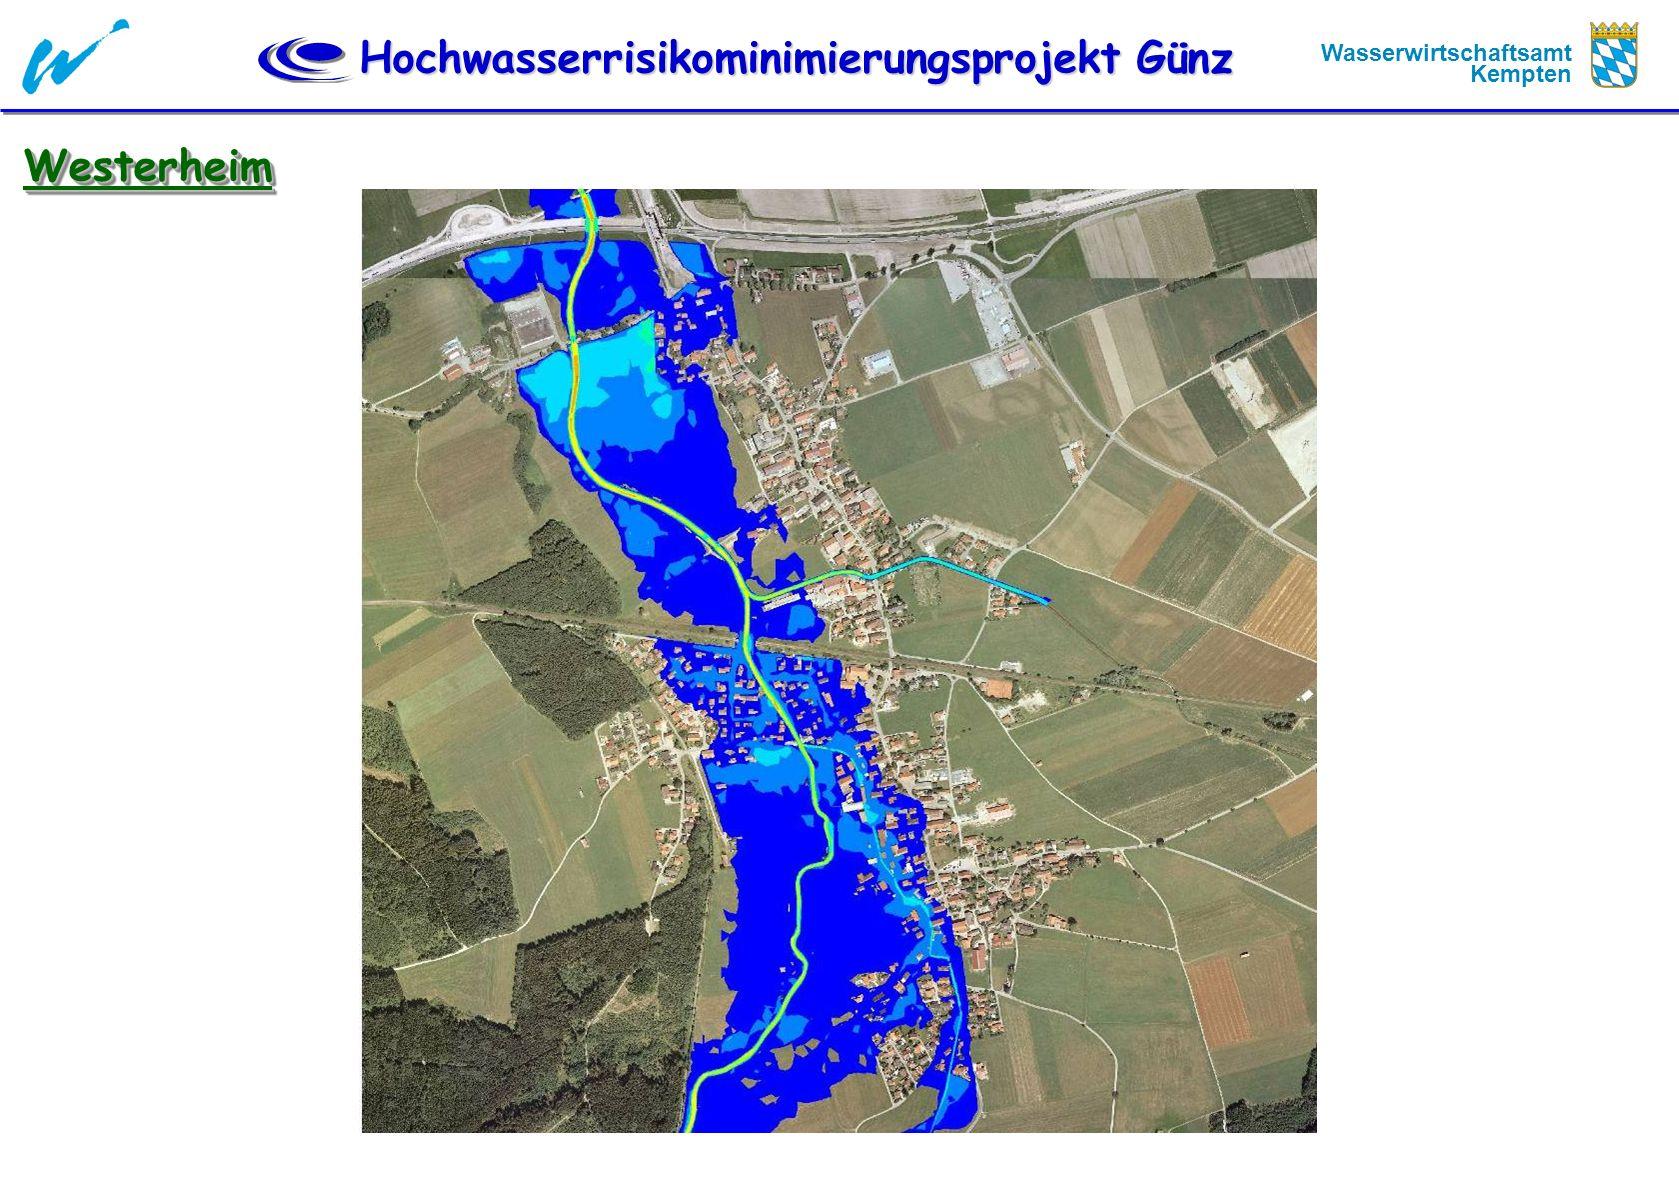 Hochwasserrisikominimierungsprojekt Günz Wasserwirtschaftsamt Kempten BabenhausenBabenhausen